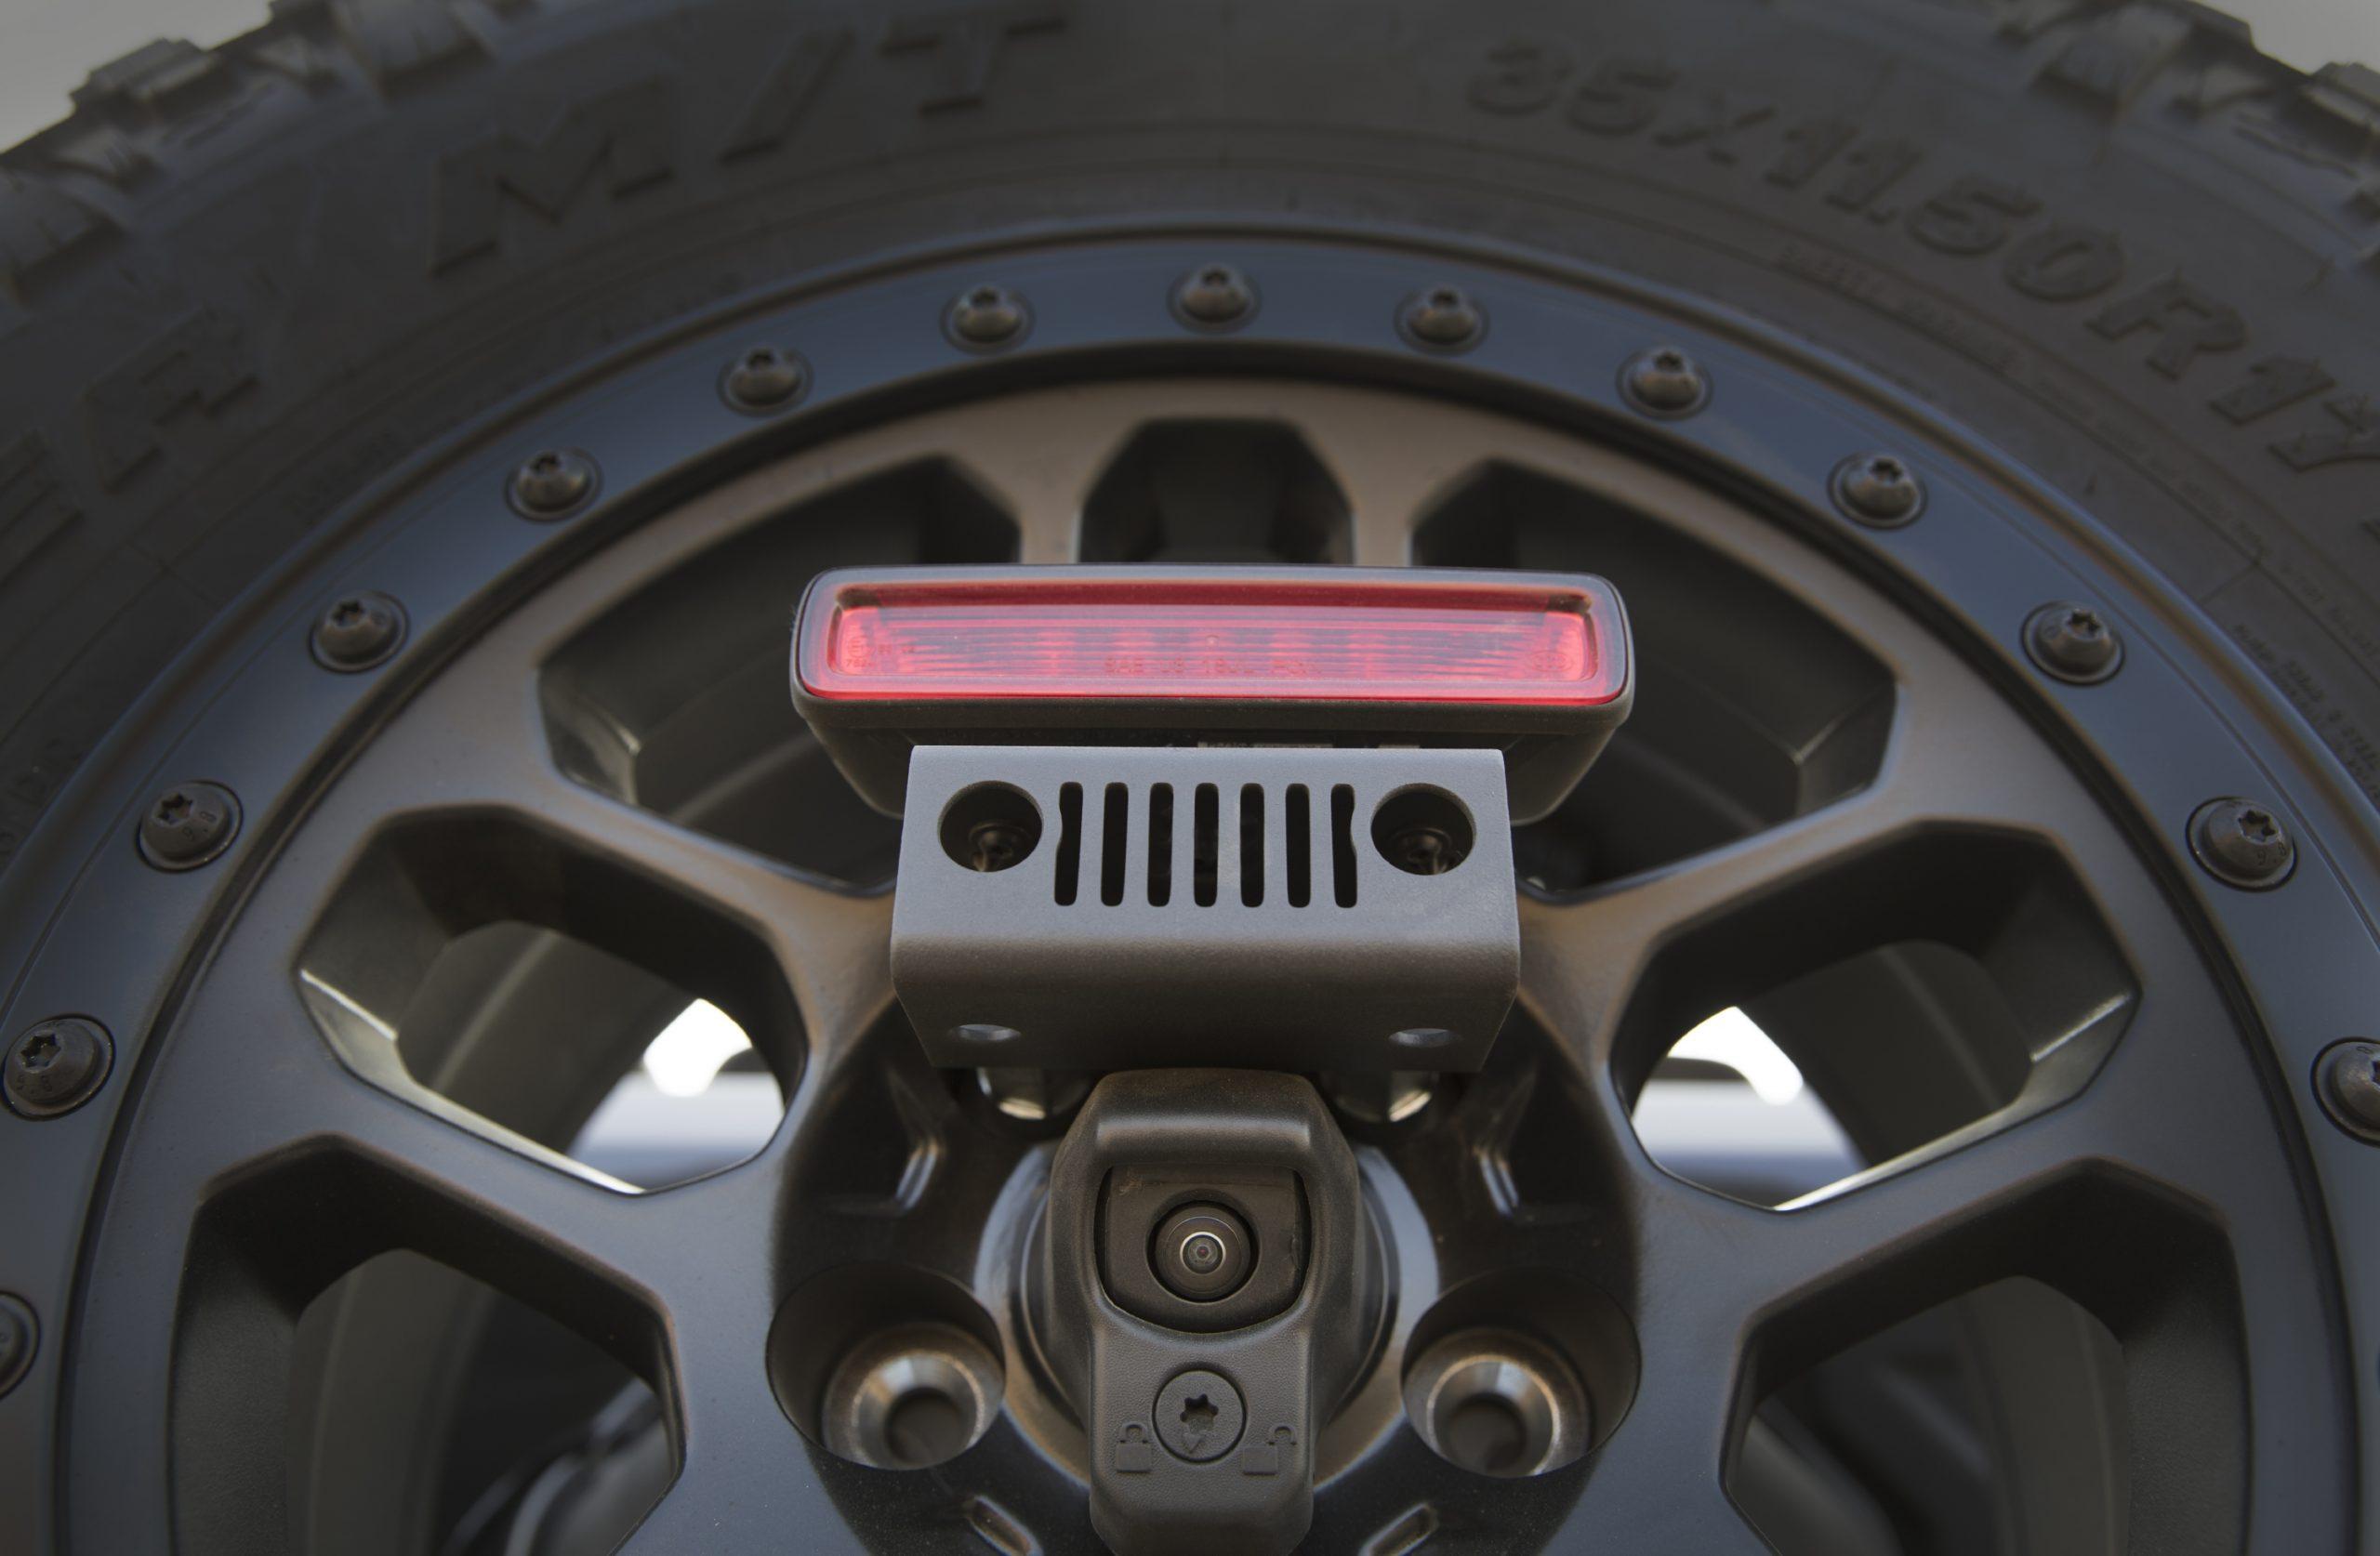 2021 Jeep Wrangler Rubicon 392 spare easter egg